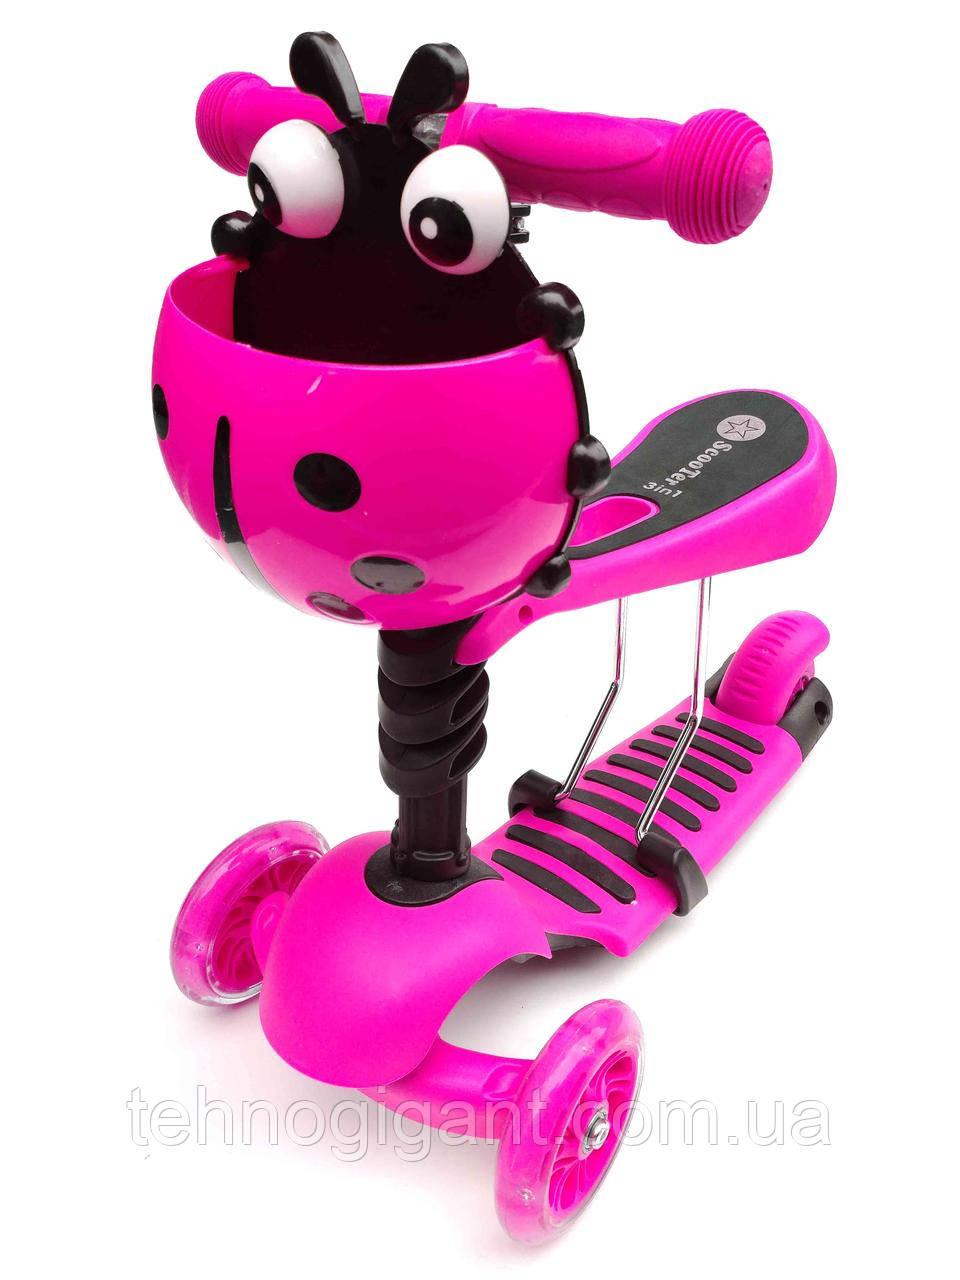 Cамокат Беговел 3 в 1 Scooter божья коровка, с не скользящей платформой, сиденьем, корзиной, Розовый